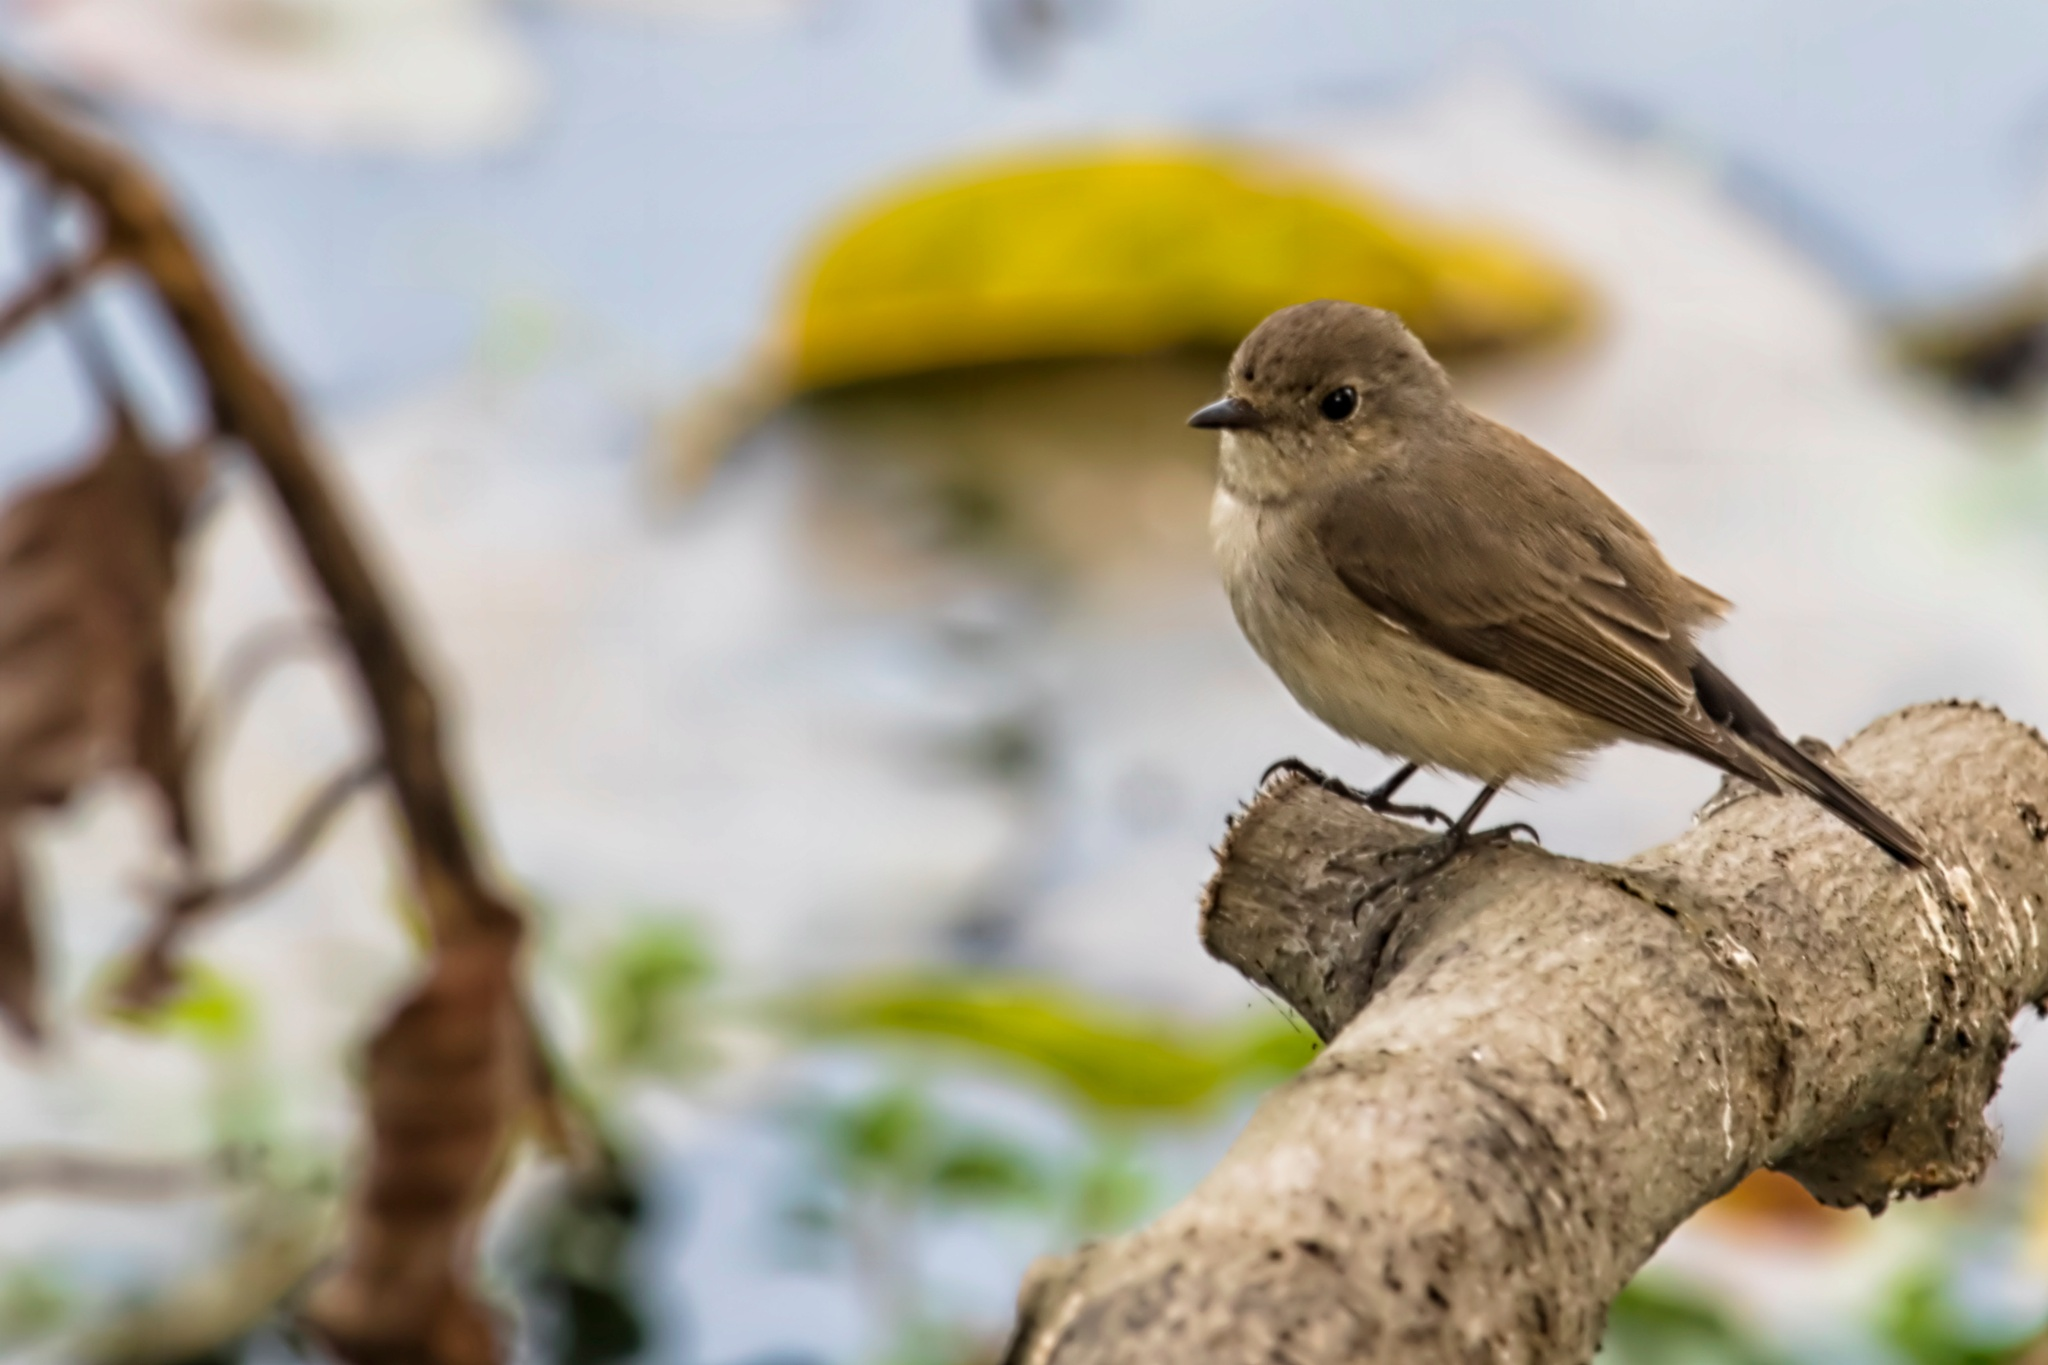 Little Bird by Arunkumar Banik